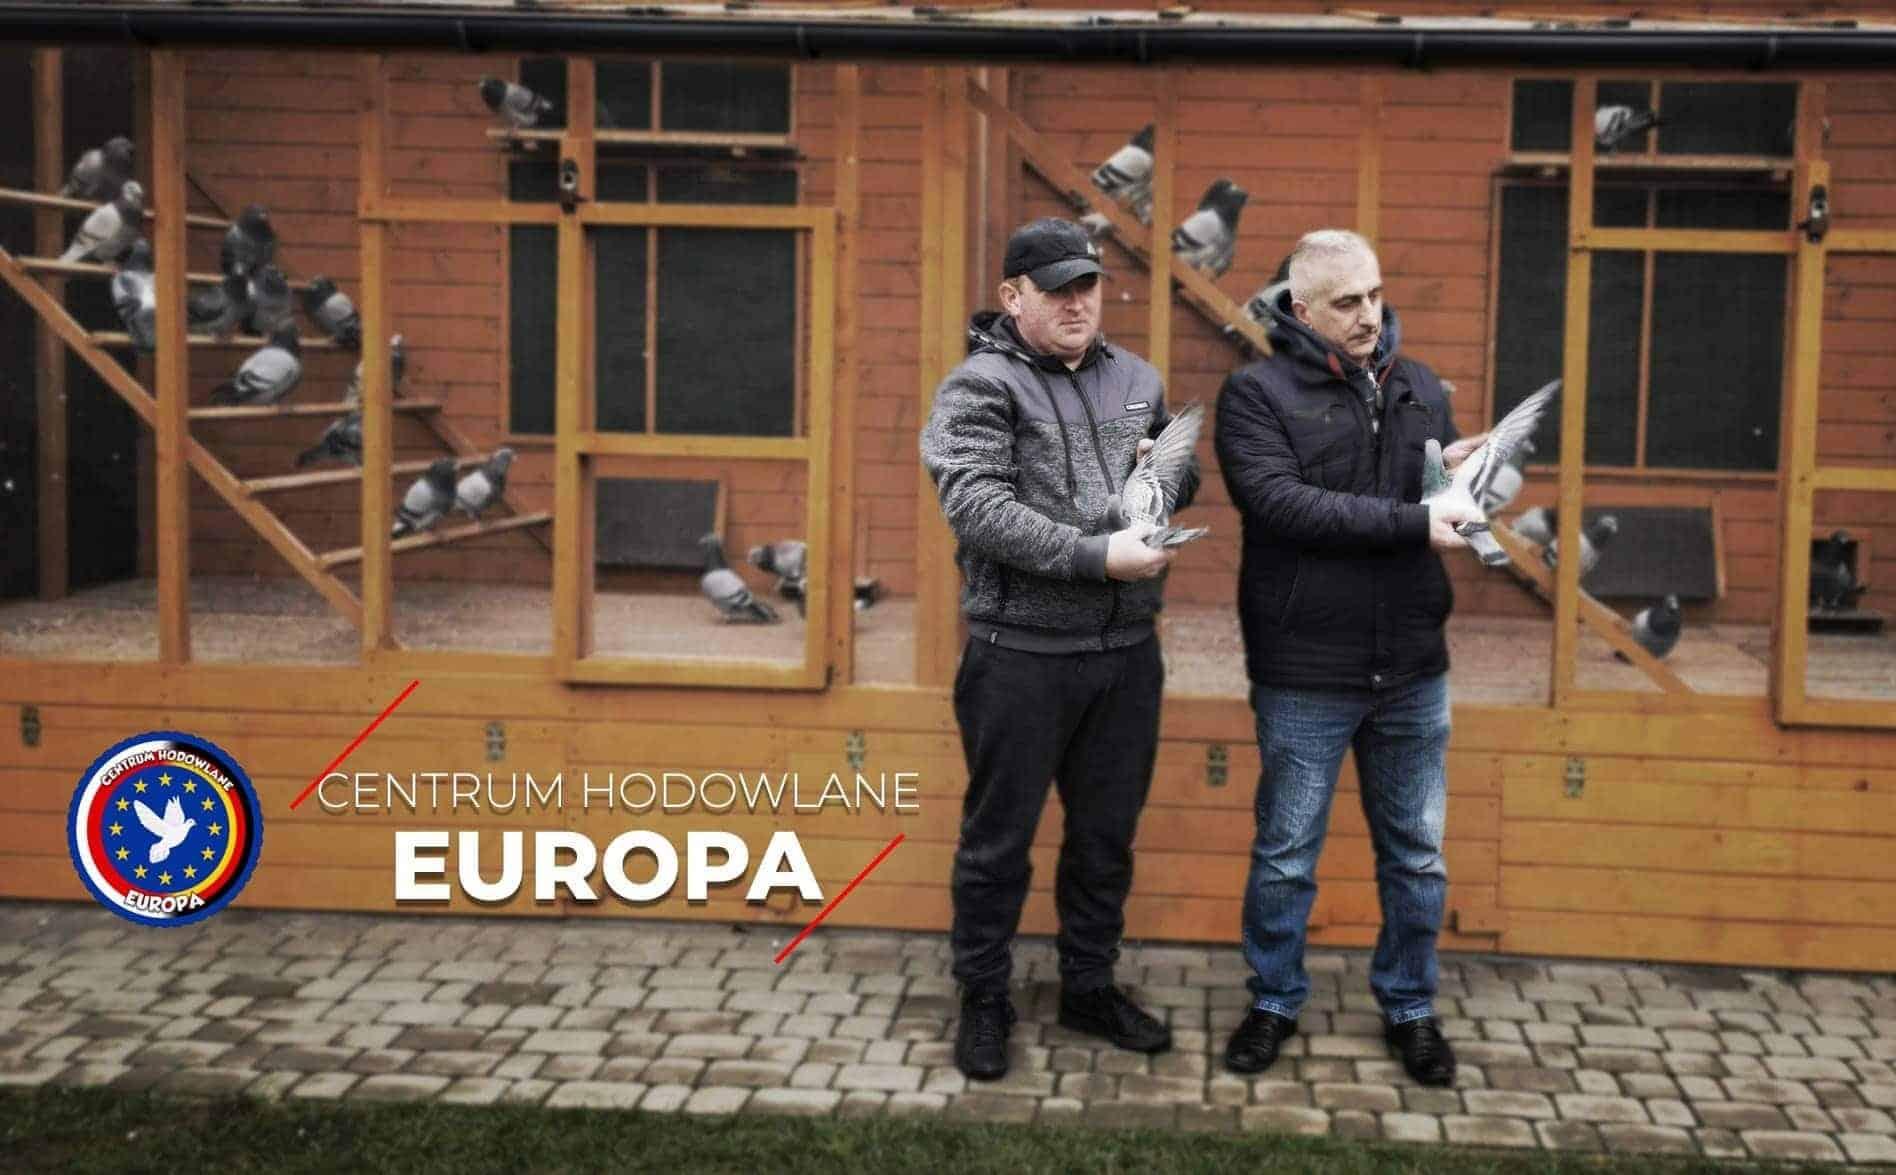 Wizyta w Centrum hodowlanym Europa kolegi Stanisława i Krzysztofa